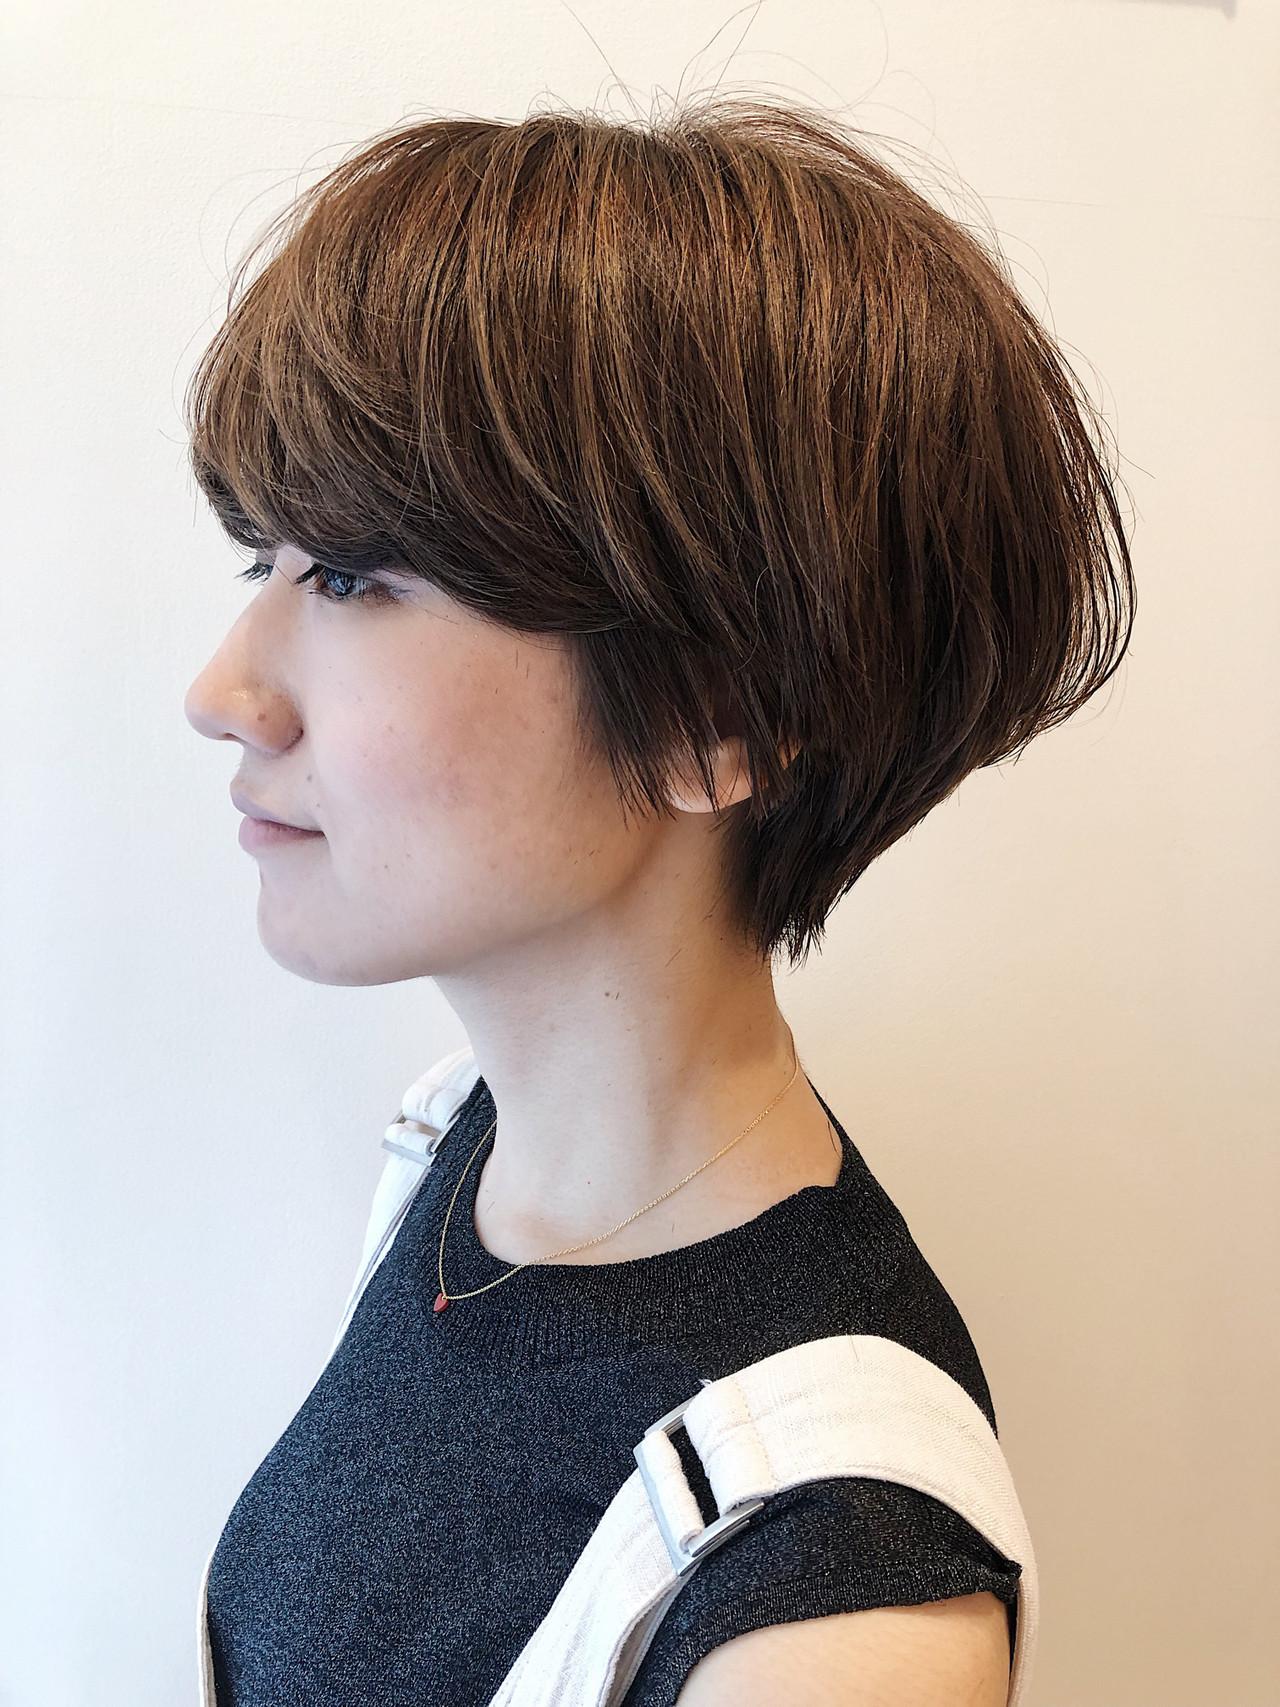 ナチュラル マッシュショート ショートヘア 小顔ショート ヘアスタイルや髪型の写真・画像